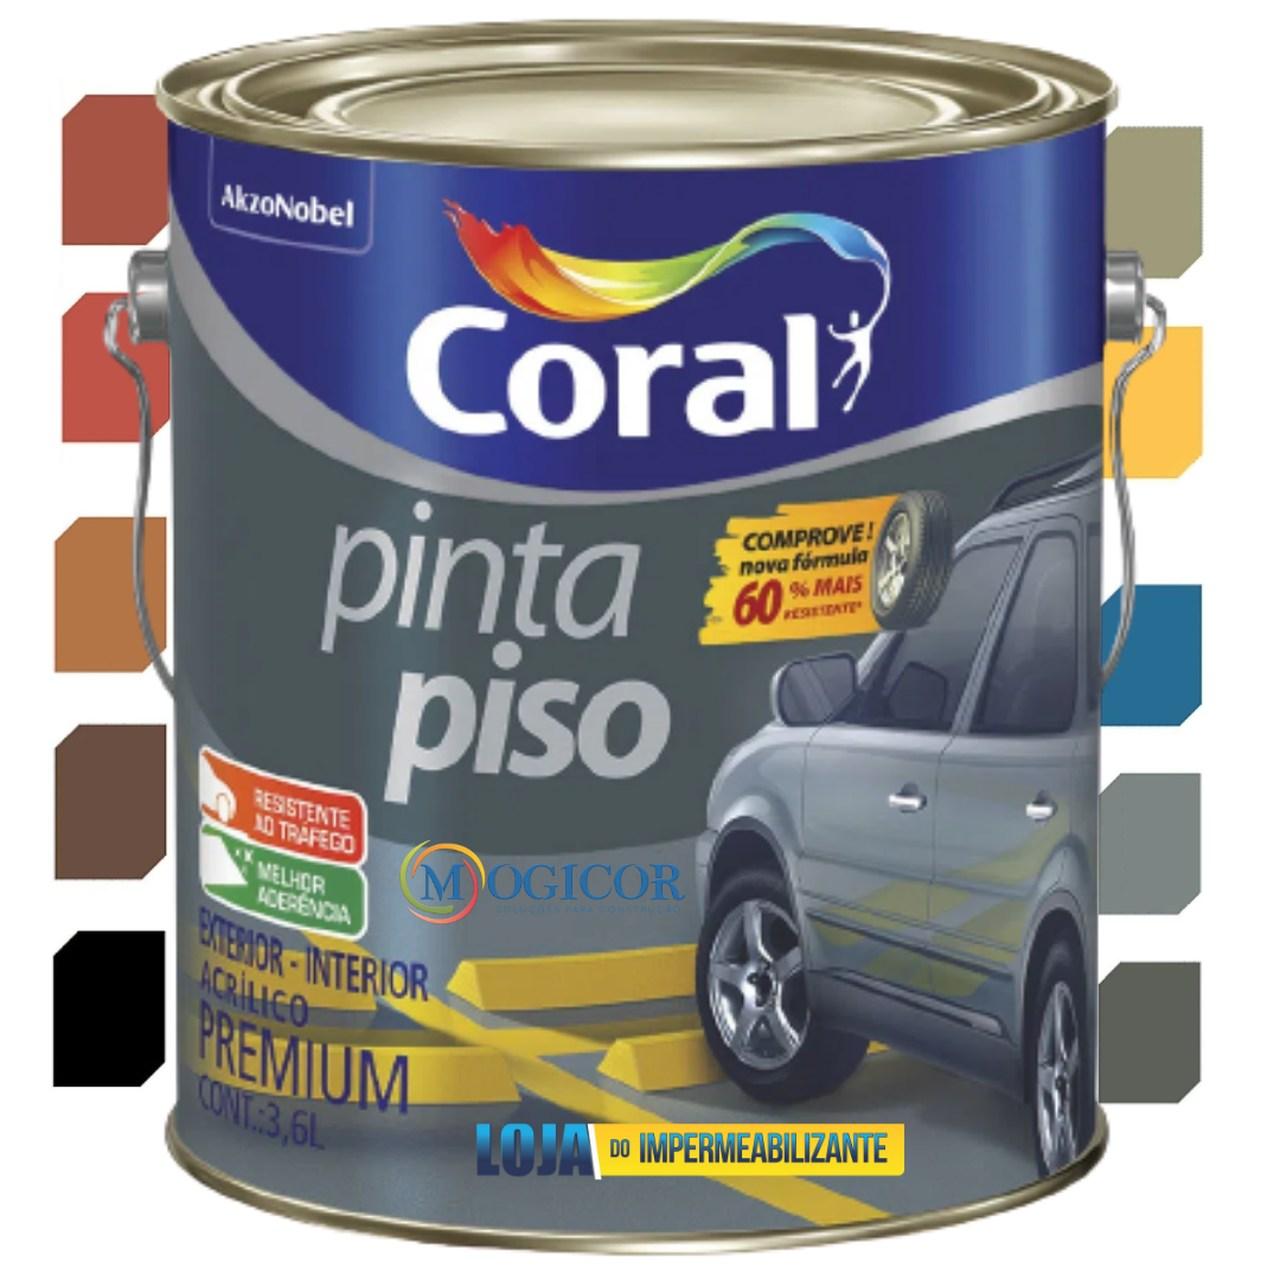 Tinta Acrílica Coral Pinta Piso Premium Interior e Exterior 3,6l - Cores